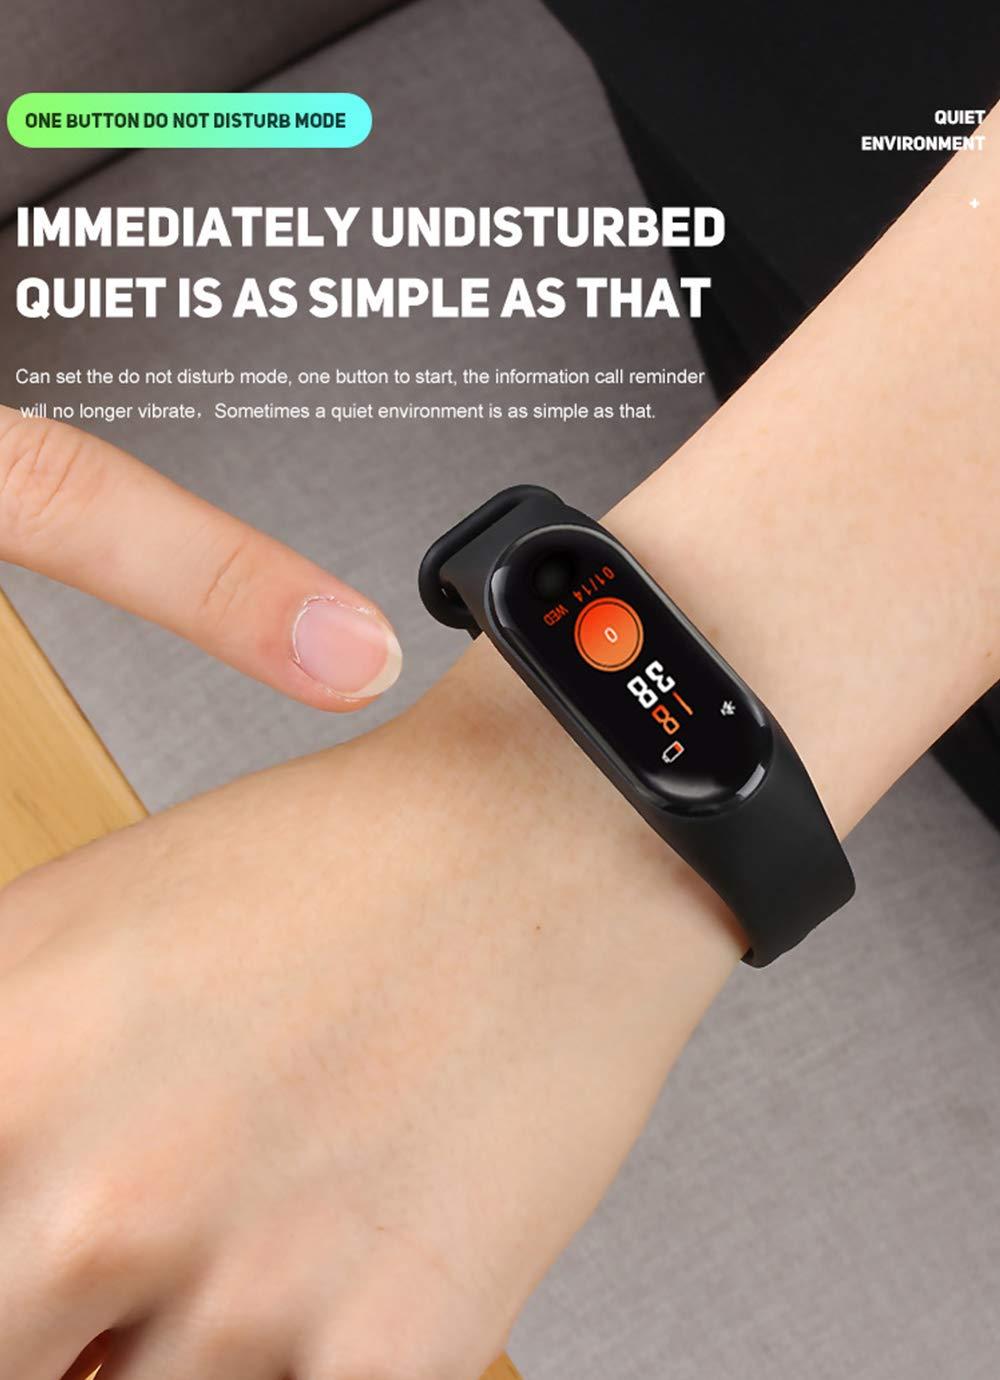 BATHRINS Pulsera Inteligente de Seguimiento de Fitness, M3 IPS, Pantalla Impermeable IP68 Pulsera de Actividad con Monitor de presión Arterial de precisión HR para Android iOS 4